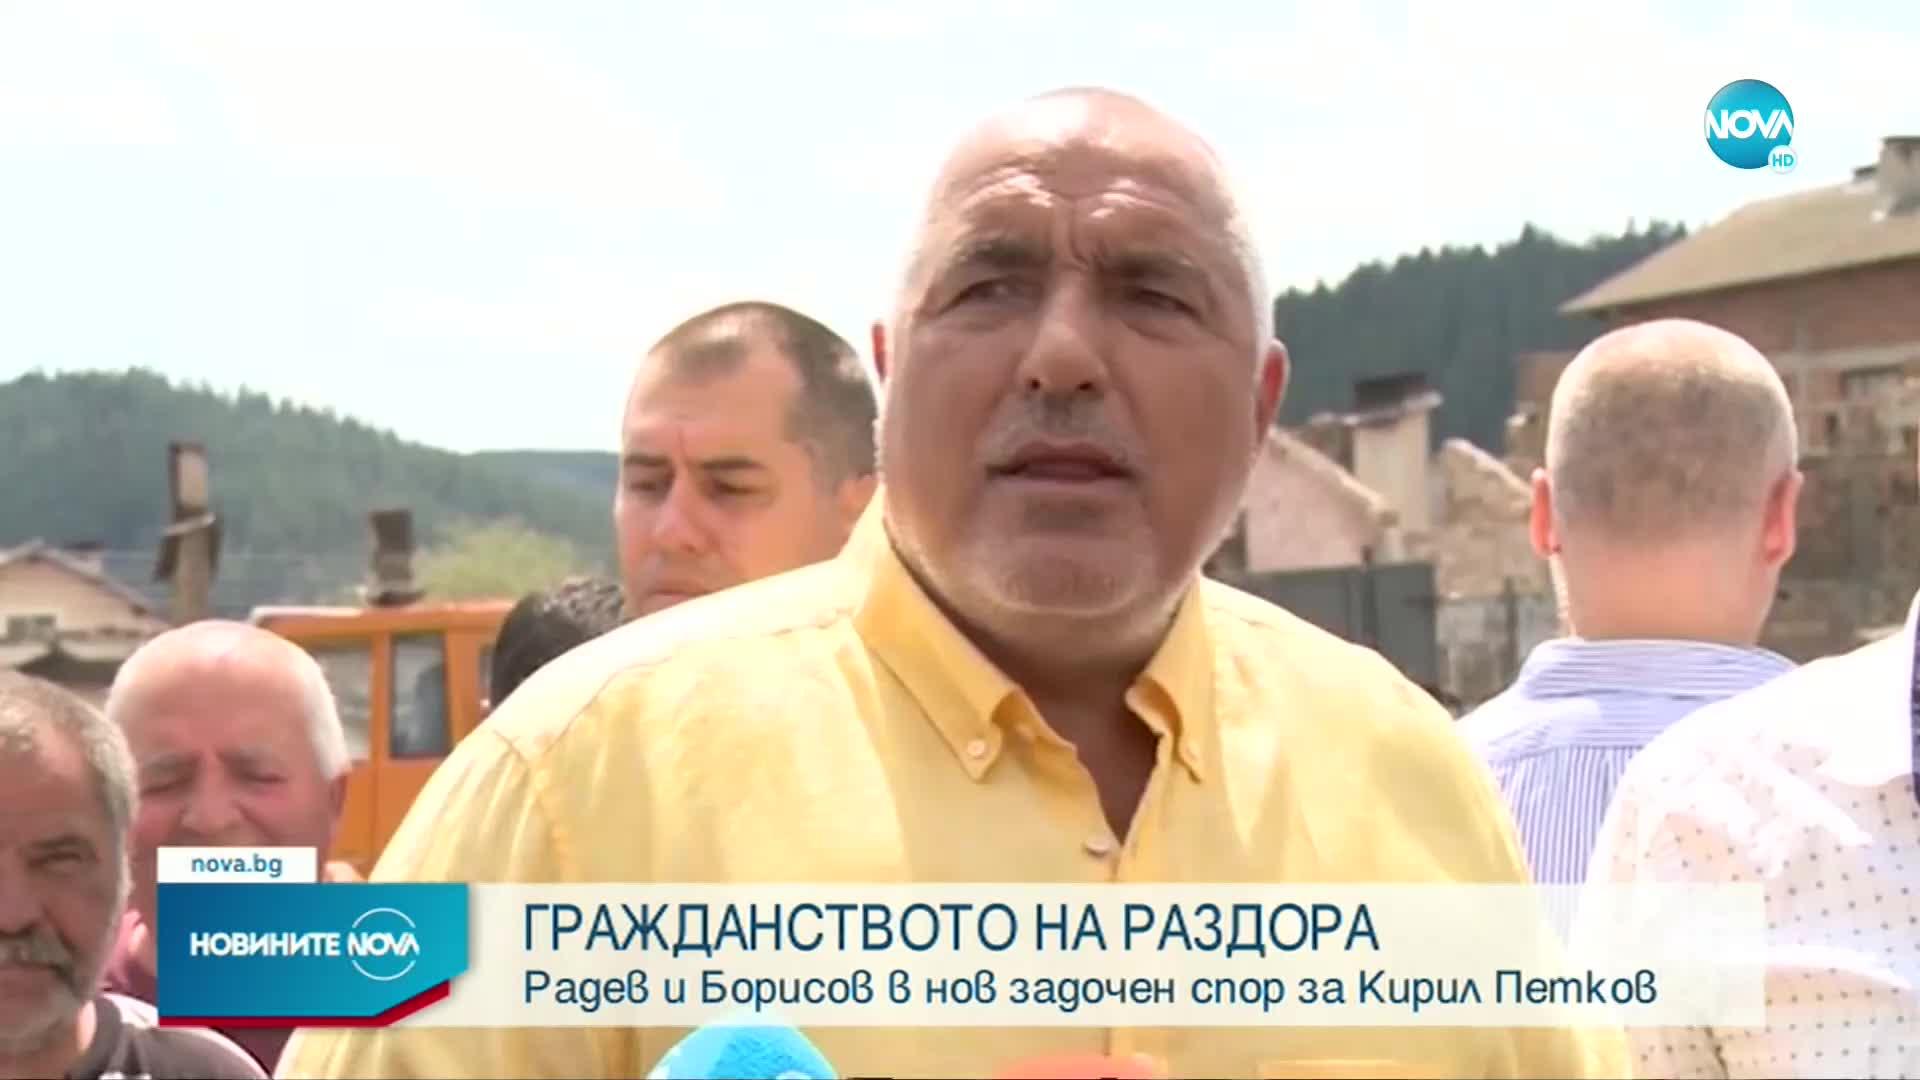 Борисов: Консултациите при президента са безсмислени, прах в очите на хората